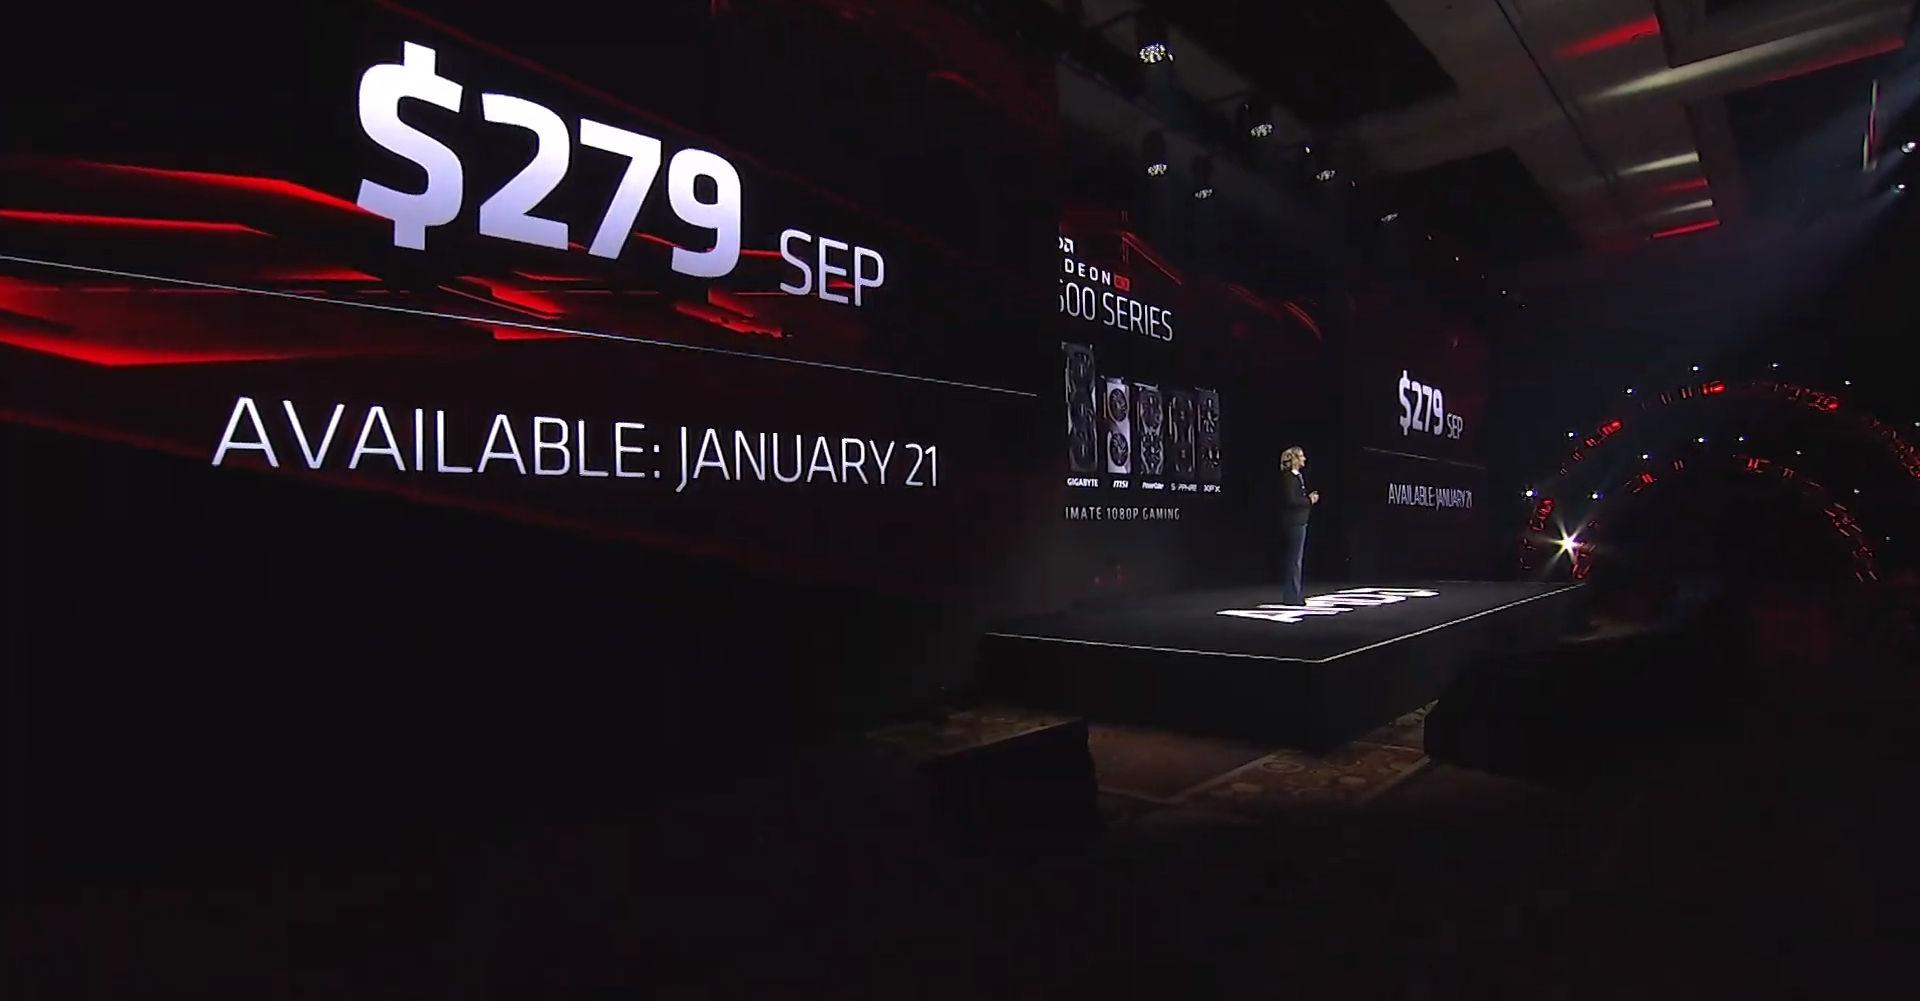 AMD-at-CES-2020-37-8-screenshot.jpg